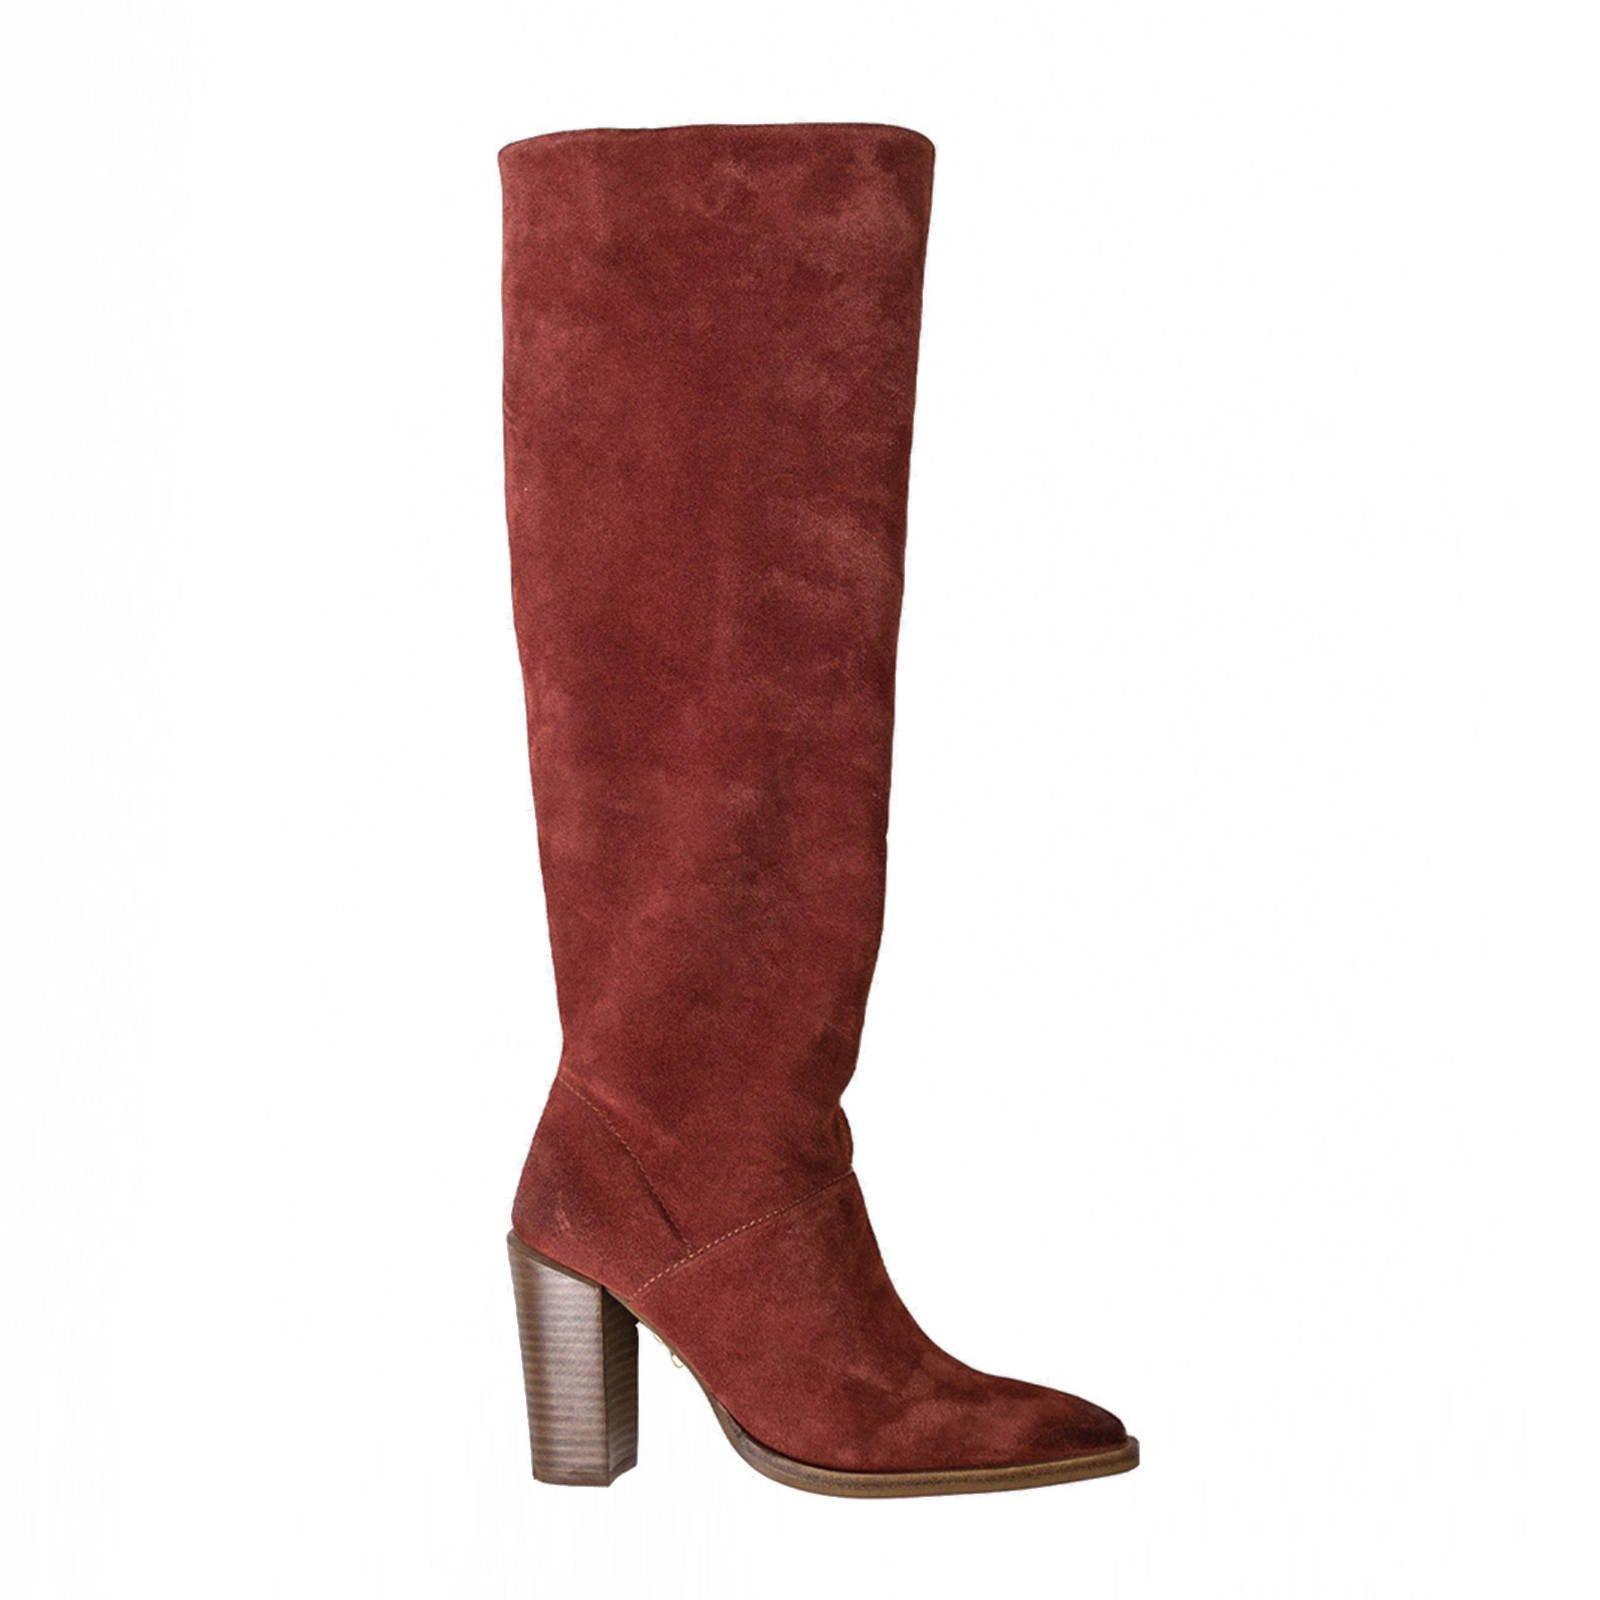 Rode Dames Bronx Laarzen online kopen? Vergelijk op Schoenen.nl